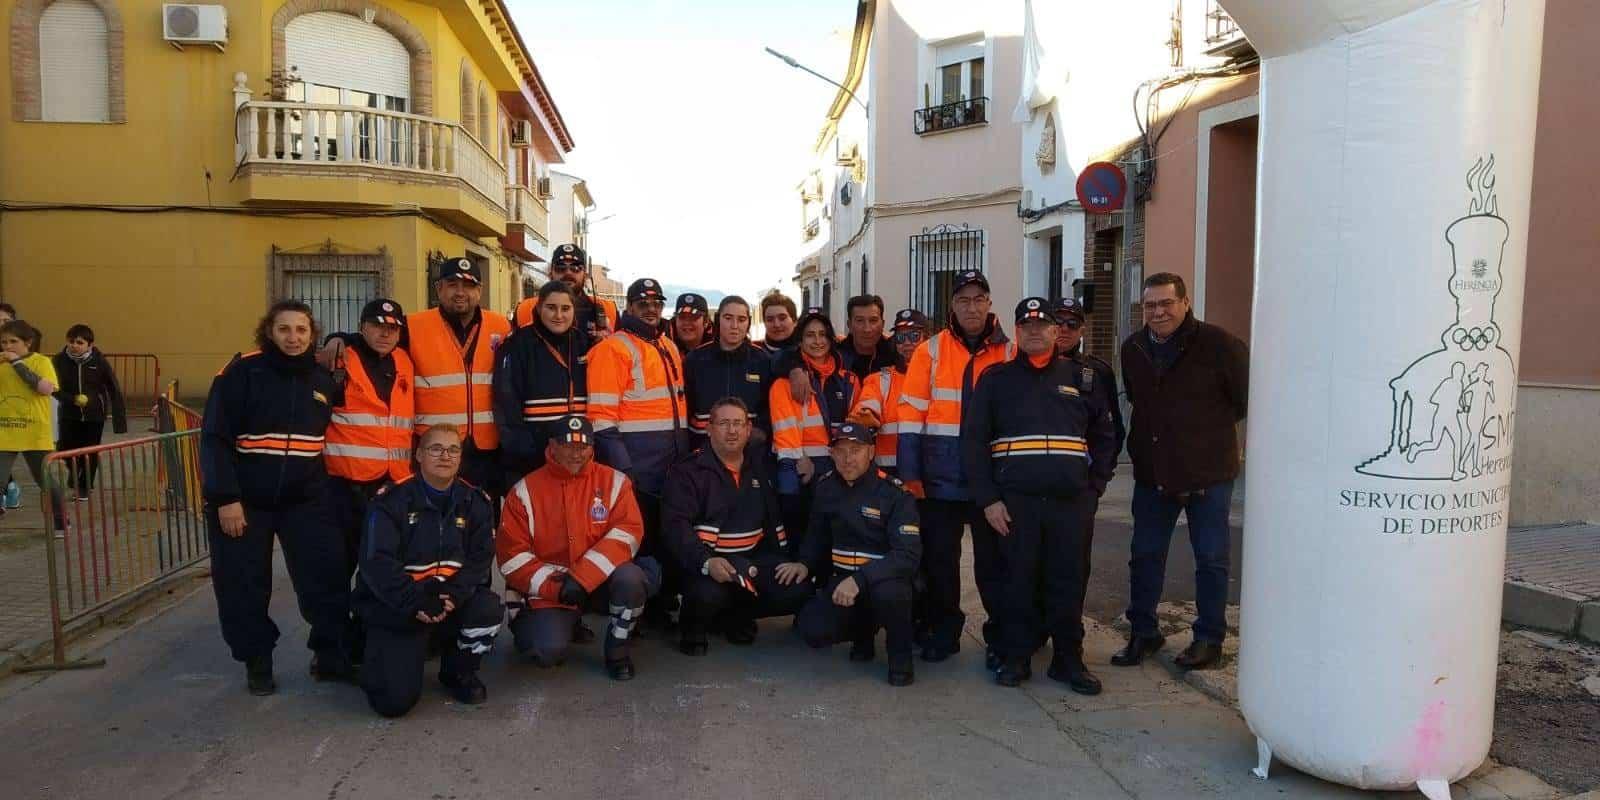 proteccion civil en carrera popular san anton 2019 - Protección civil colabora con el preventivo de la XVIII Carrera Popular de San Antón